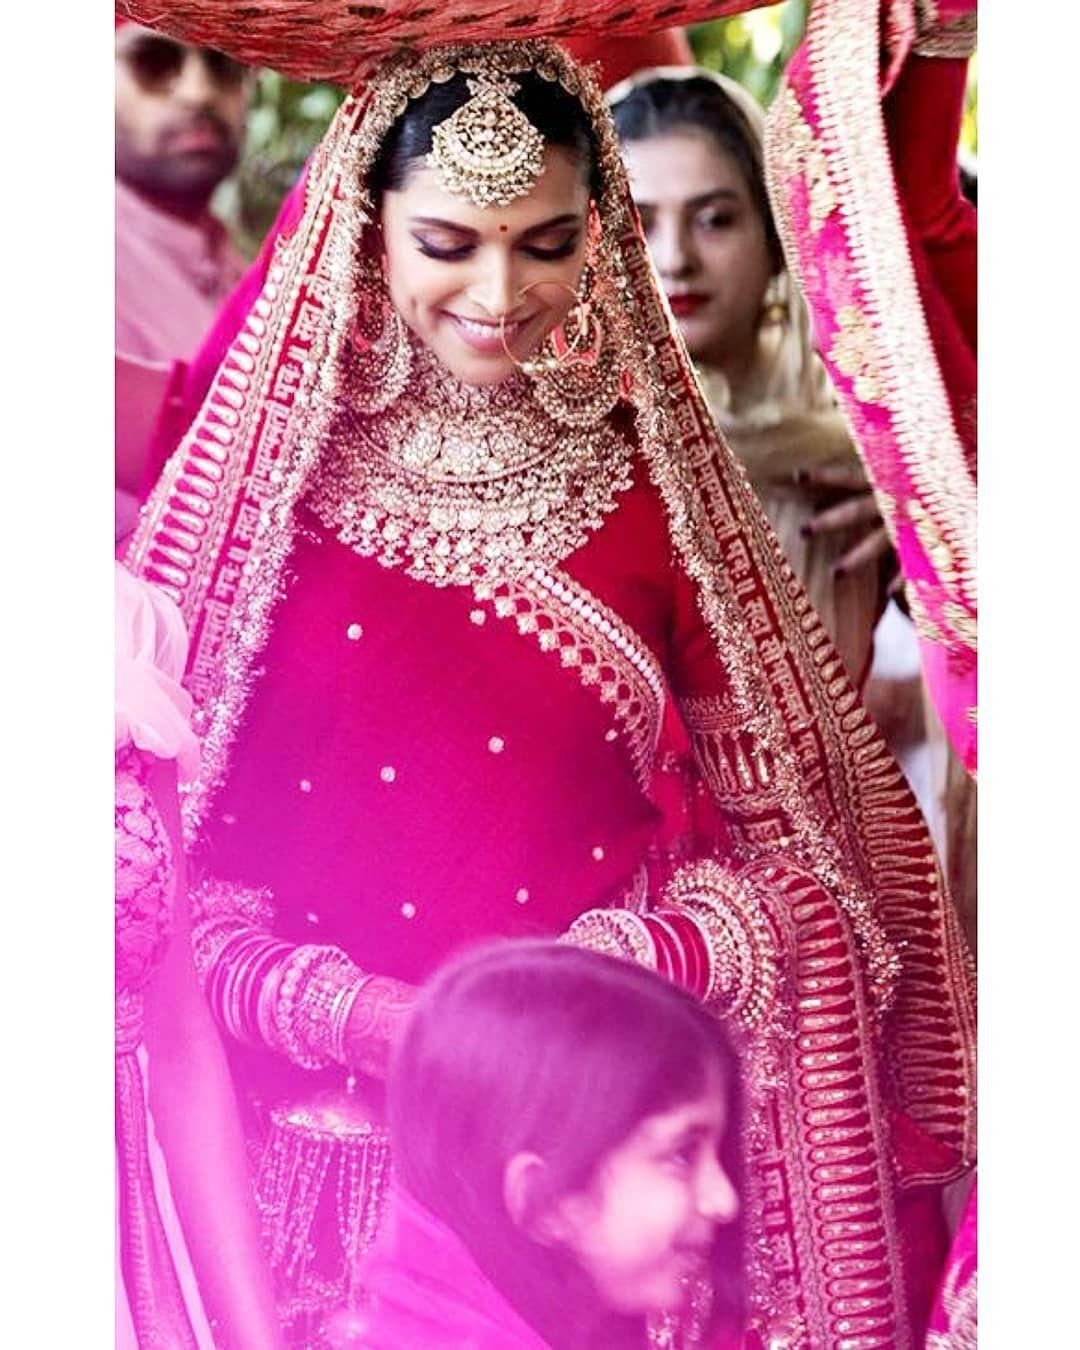 Deepika Padukone Singh Deepveerwedding Deepveerkimehendi Deepikapadukone Deepikawedsranveer Deepveerthin Bruidskleding Indiase Kleding Bruidsmake Up